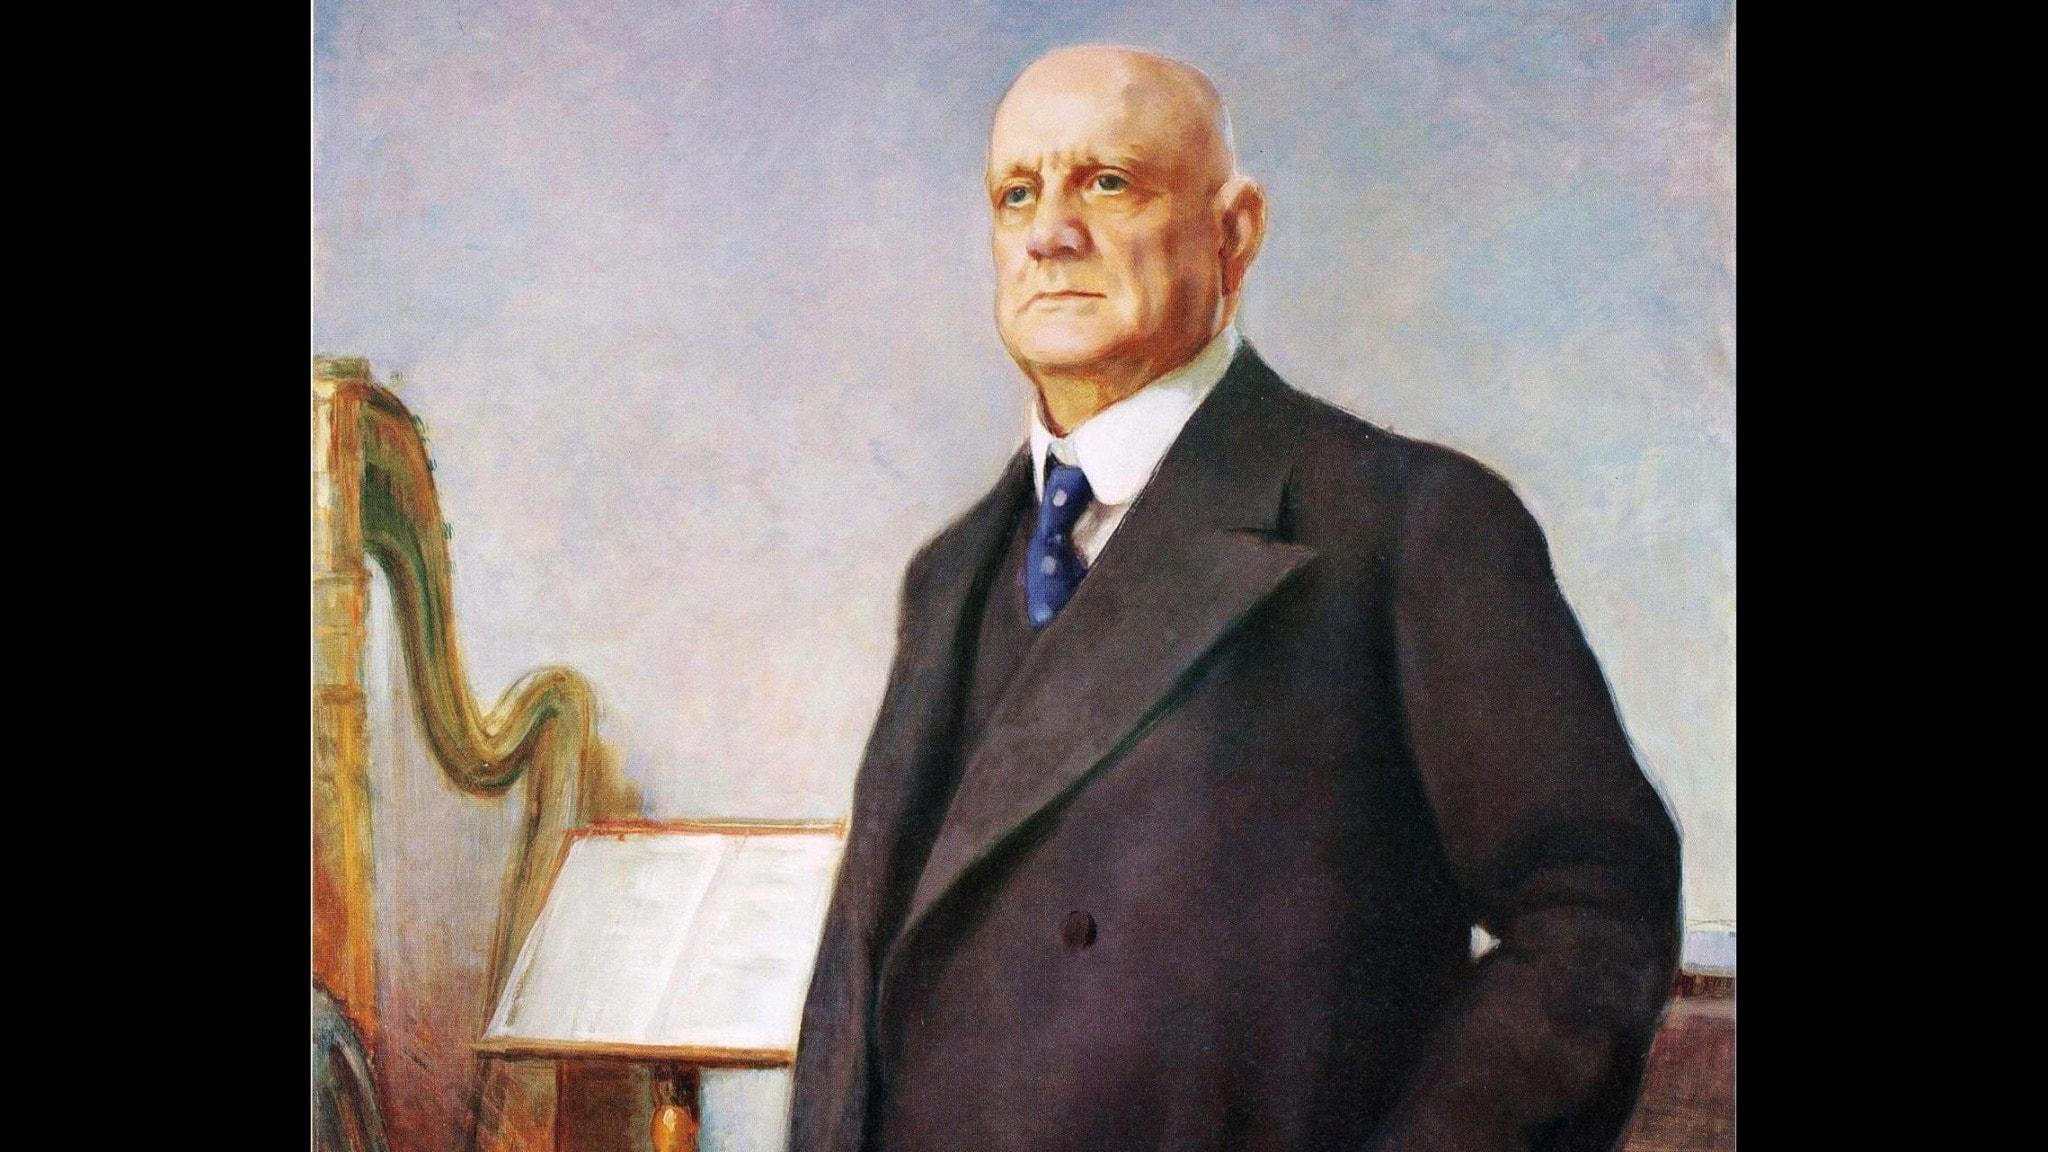 Jean Sibelius. Eero Järnefelt. 1935. Wikiart.